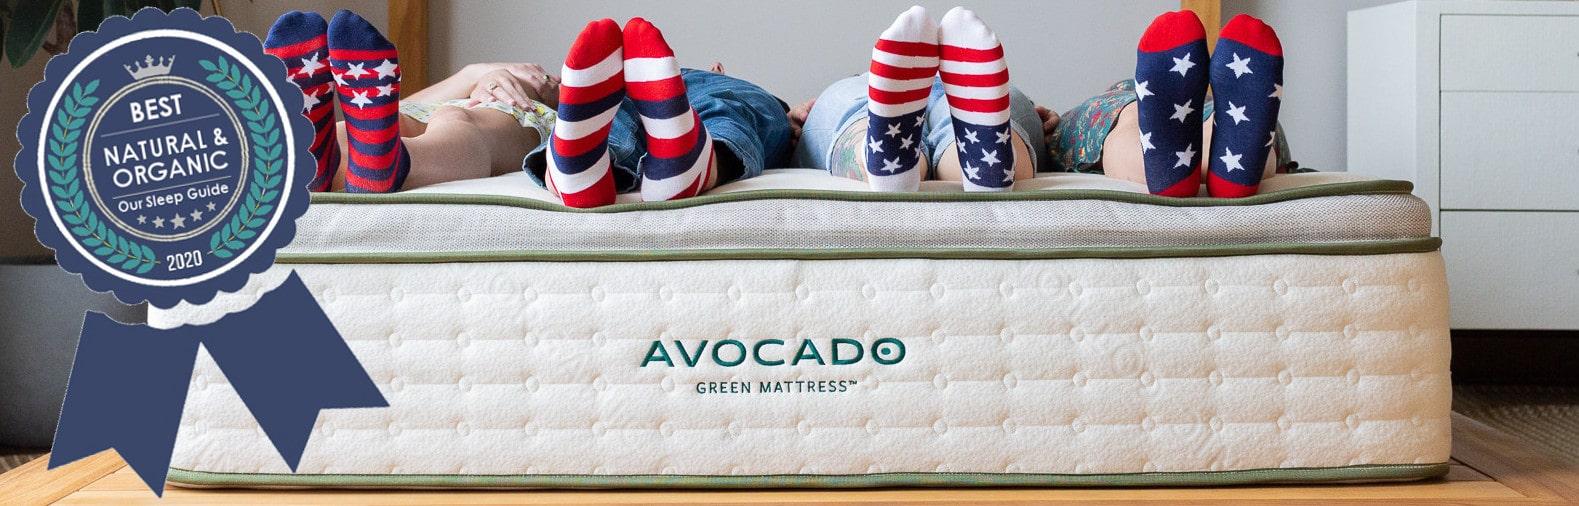 best natural mattress avocado green